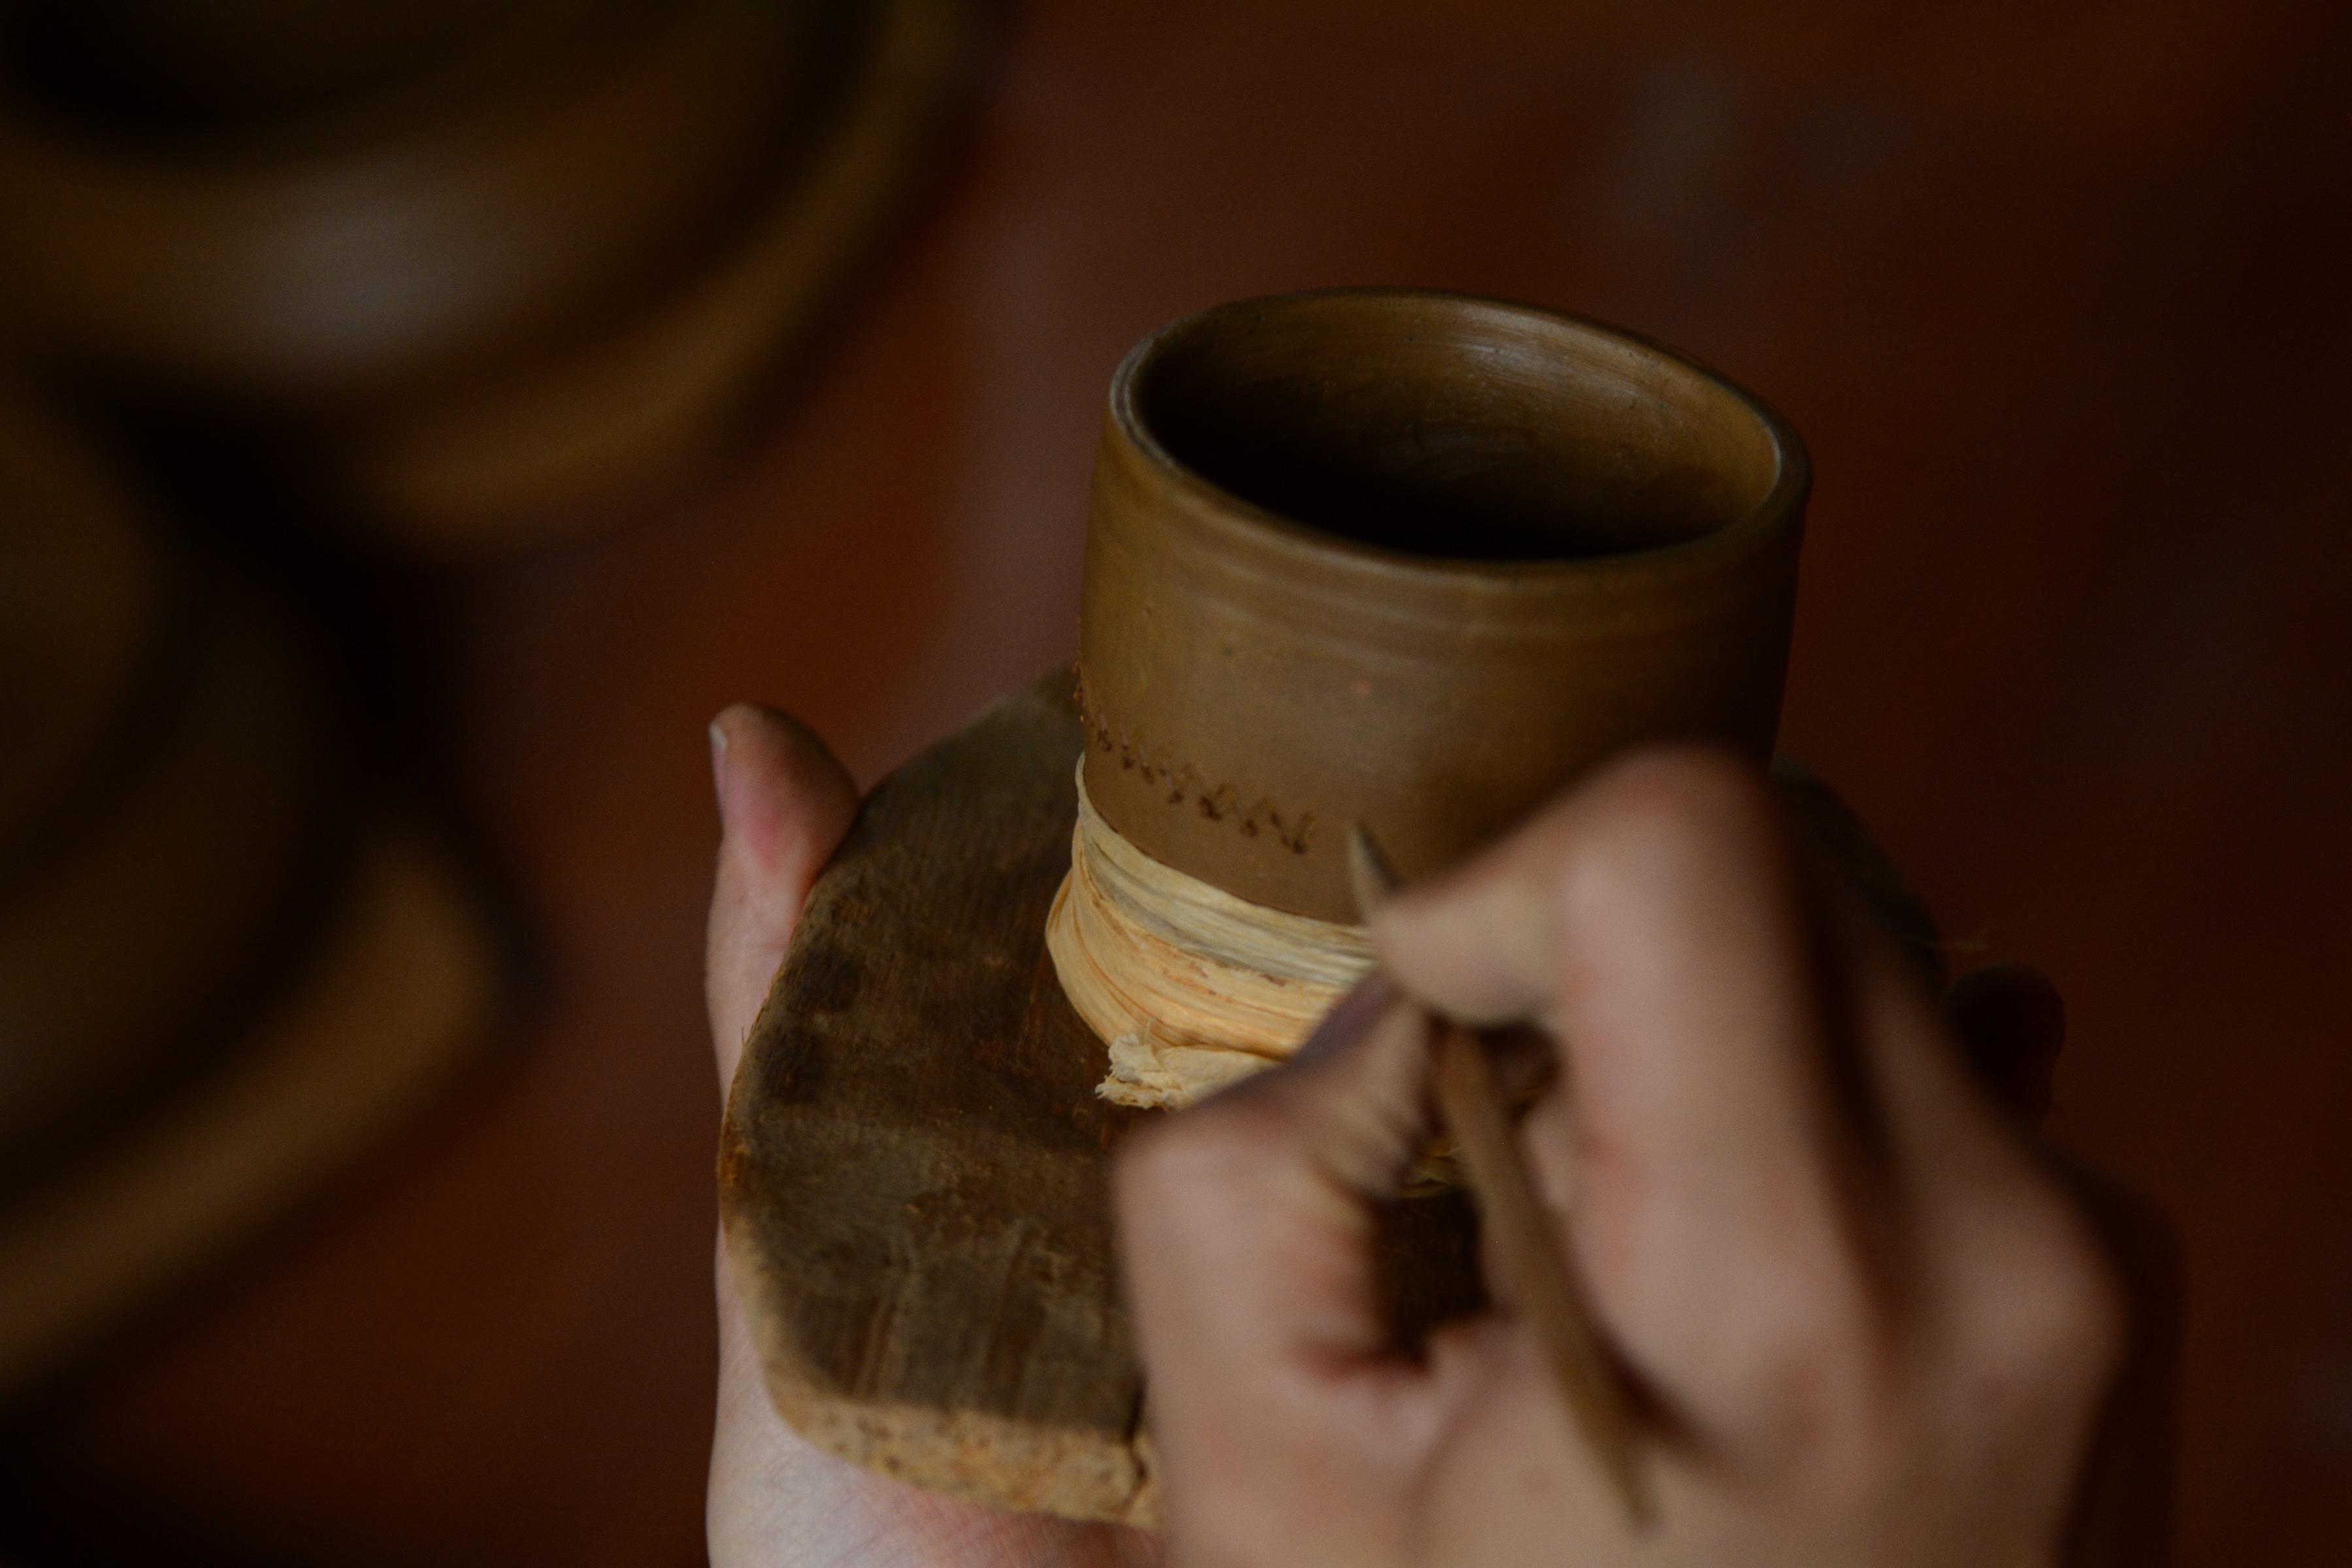 传承者 | 尼西黑陶,藏族传统生活器物的质朴之美